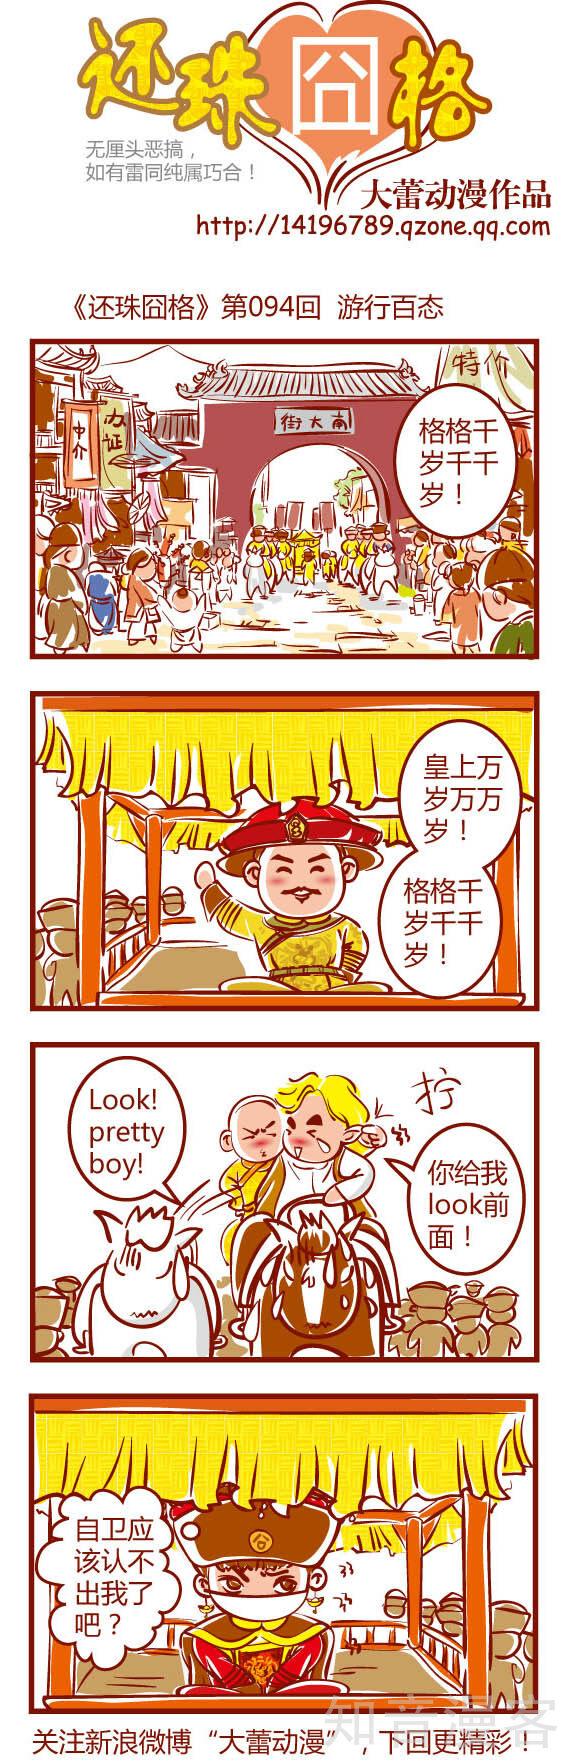 94-104话_还珠囧格漫画_还珠囧格94-104话_知音漫客网